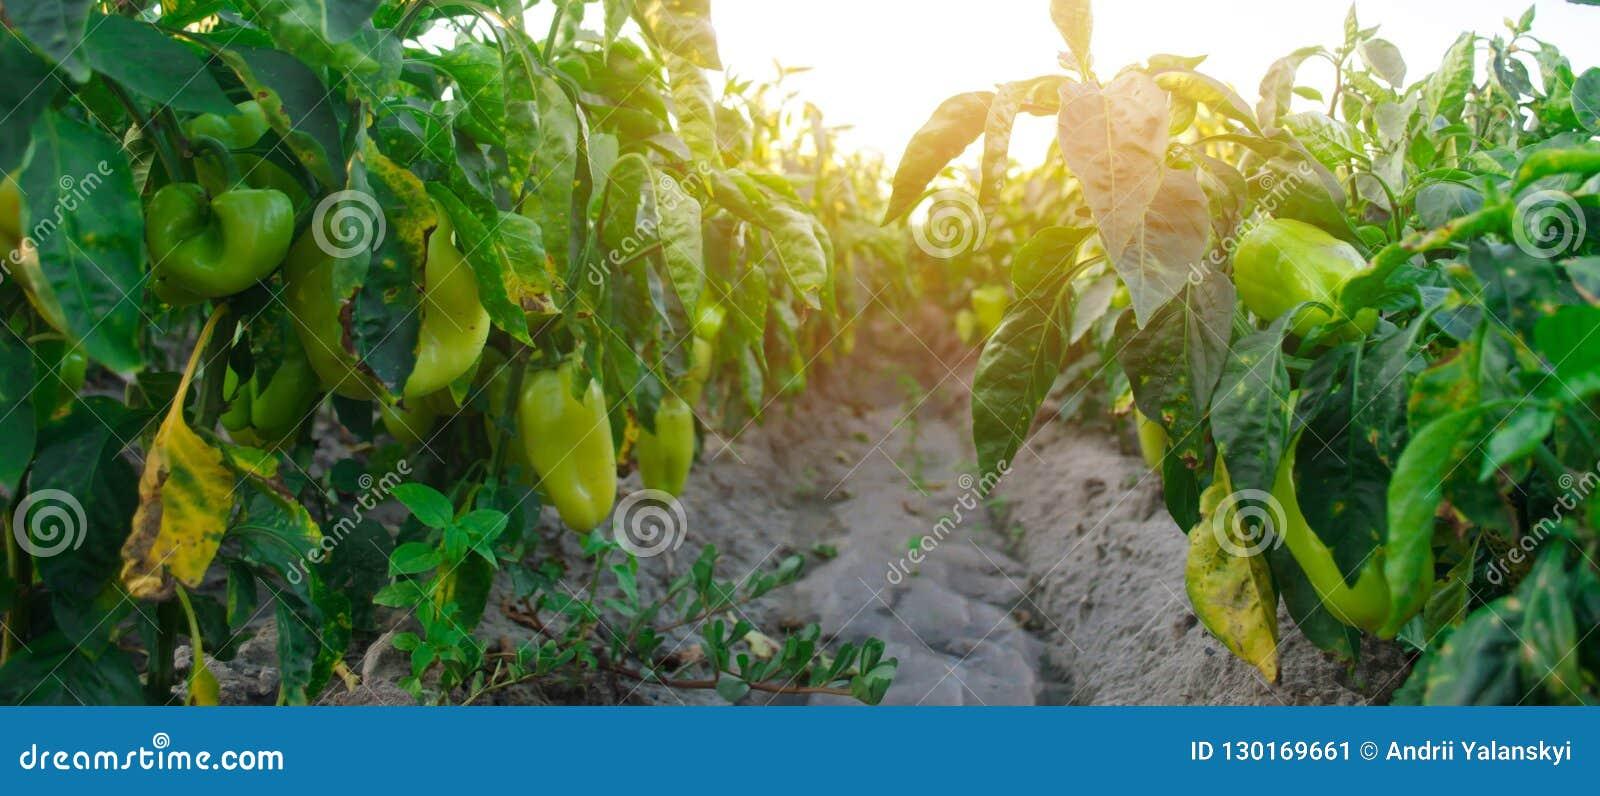 La enfermedad de la pimienta es causada por el virus de Phytophthora Infestans AG